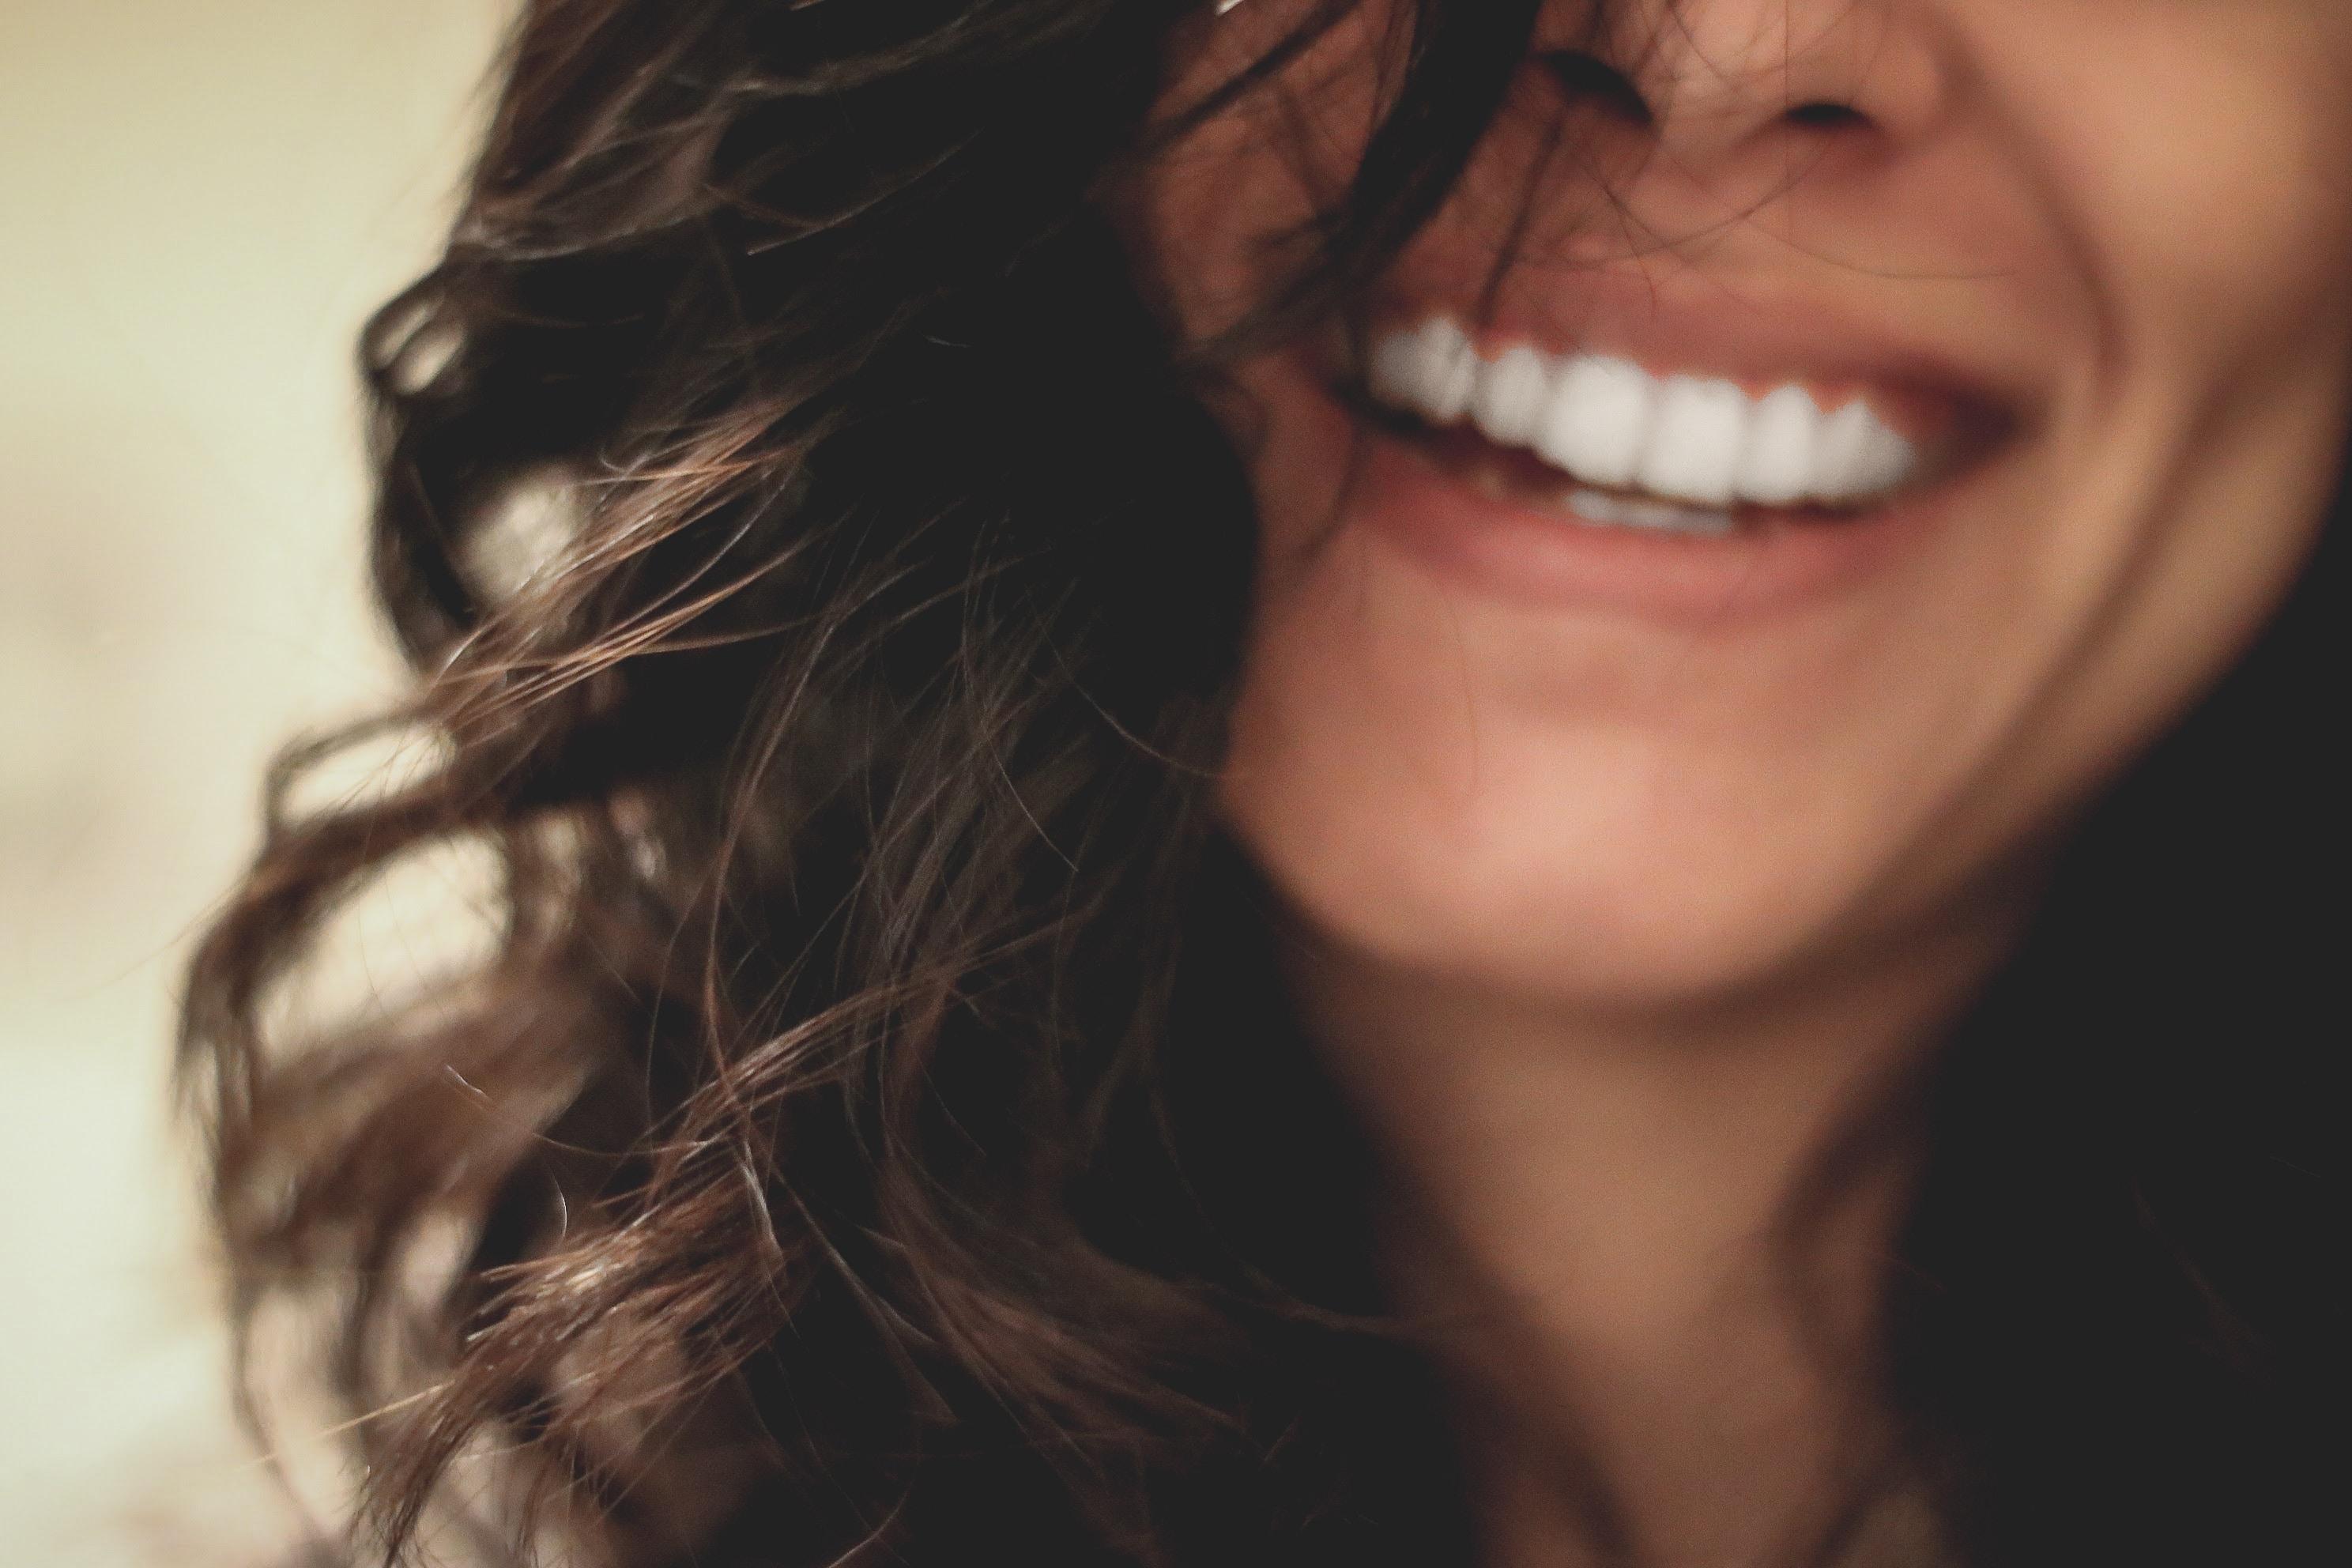 君が笑えば、みんなも笑う